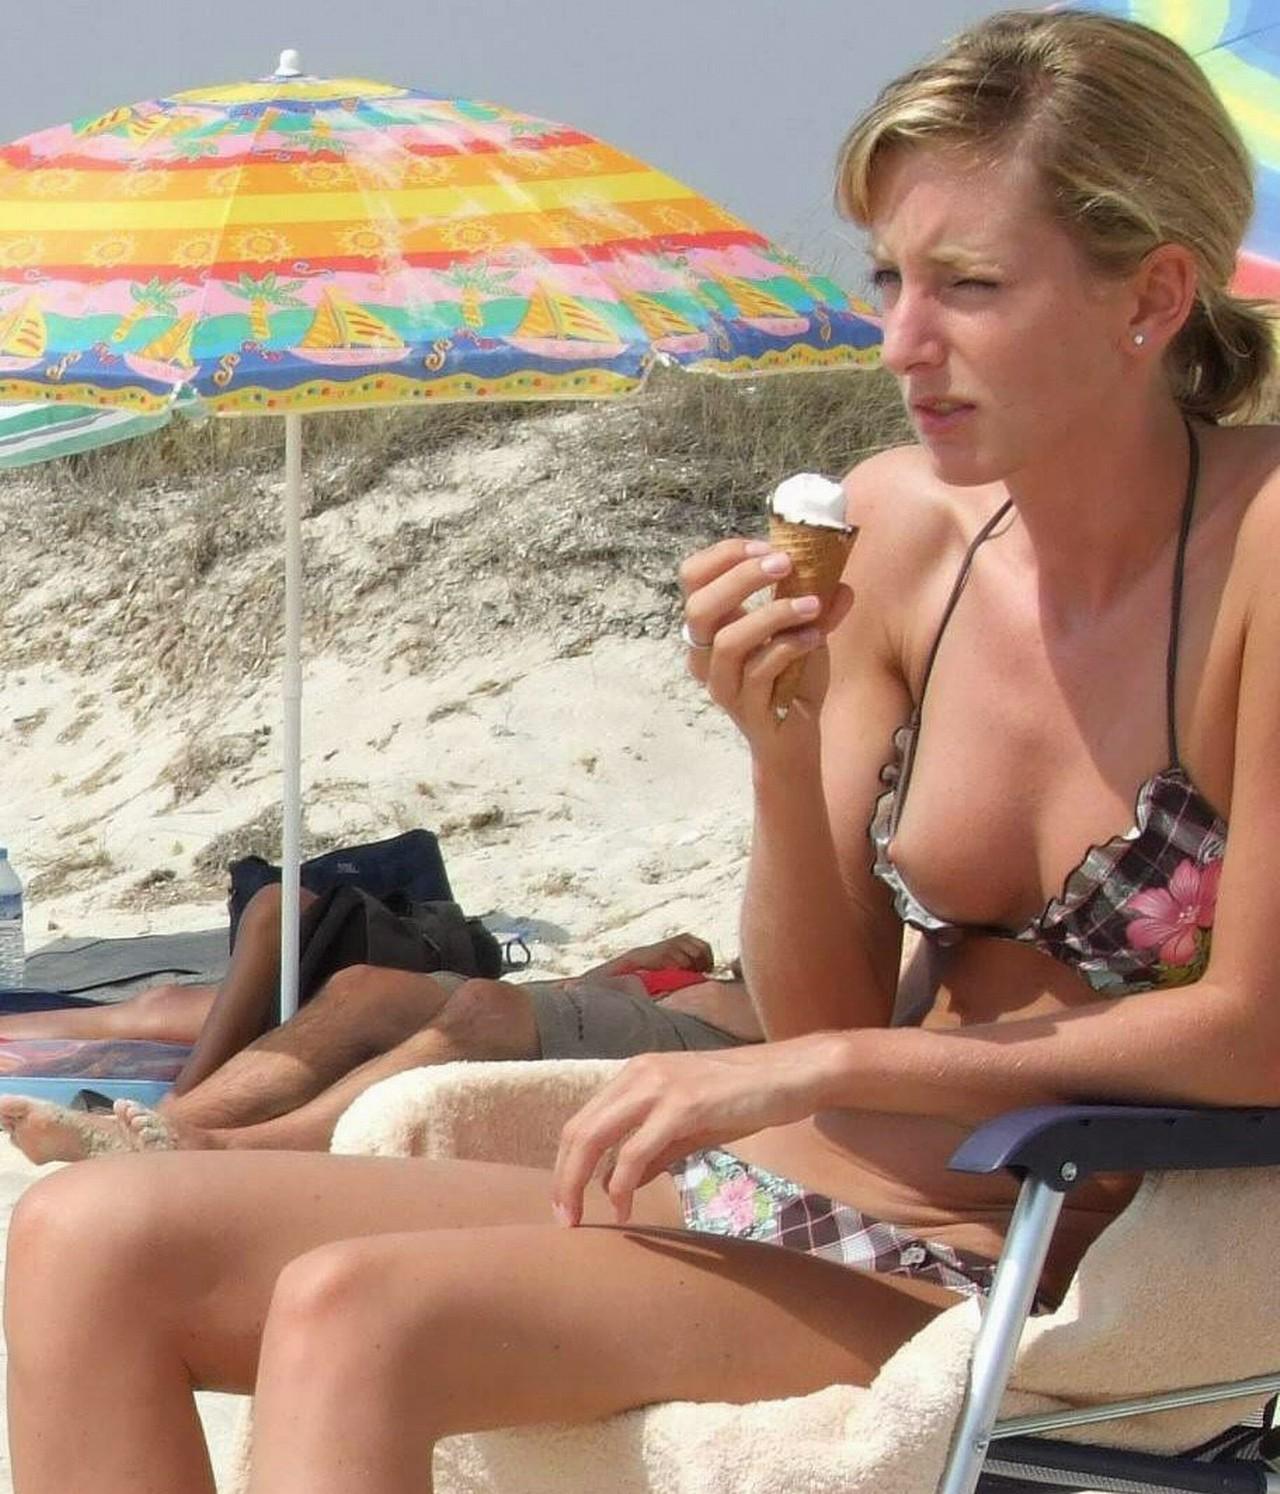 【画像あり】全裸より抜けるビーチでポロリハプニン具wwwwwwwwwww・2枚目